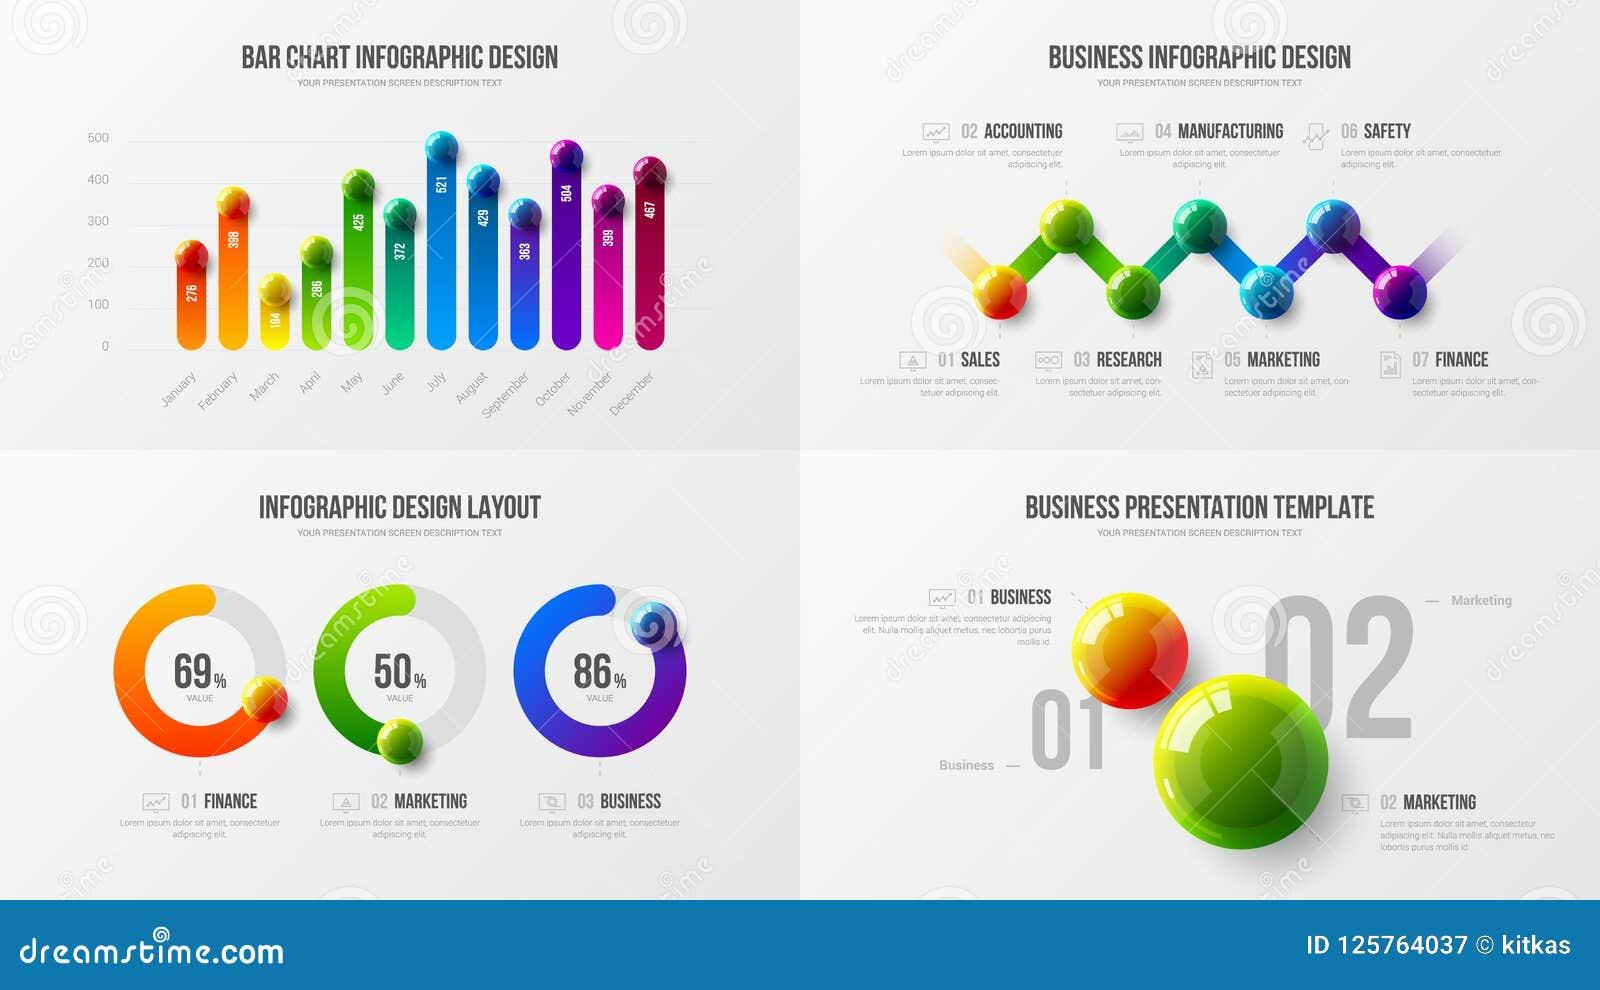 Наградной качественный шаблон иллюстрации вектора представления аналитика маркетинга План дизайна визуализирования коммерческих и